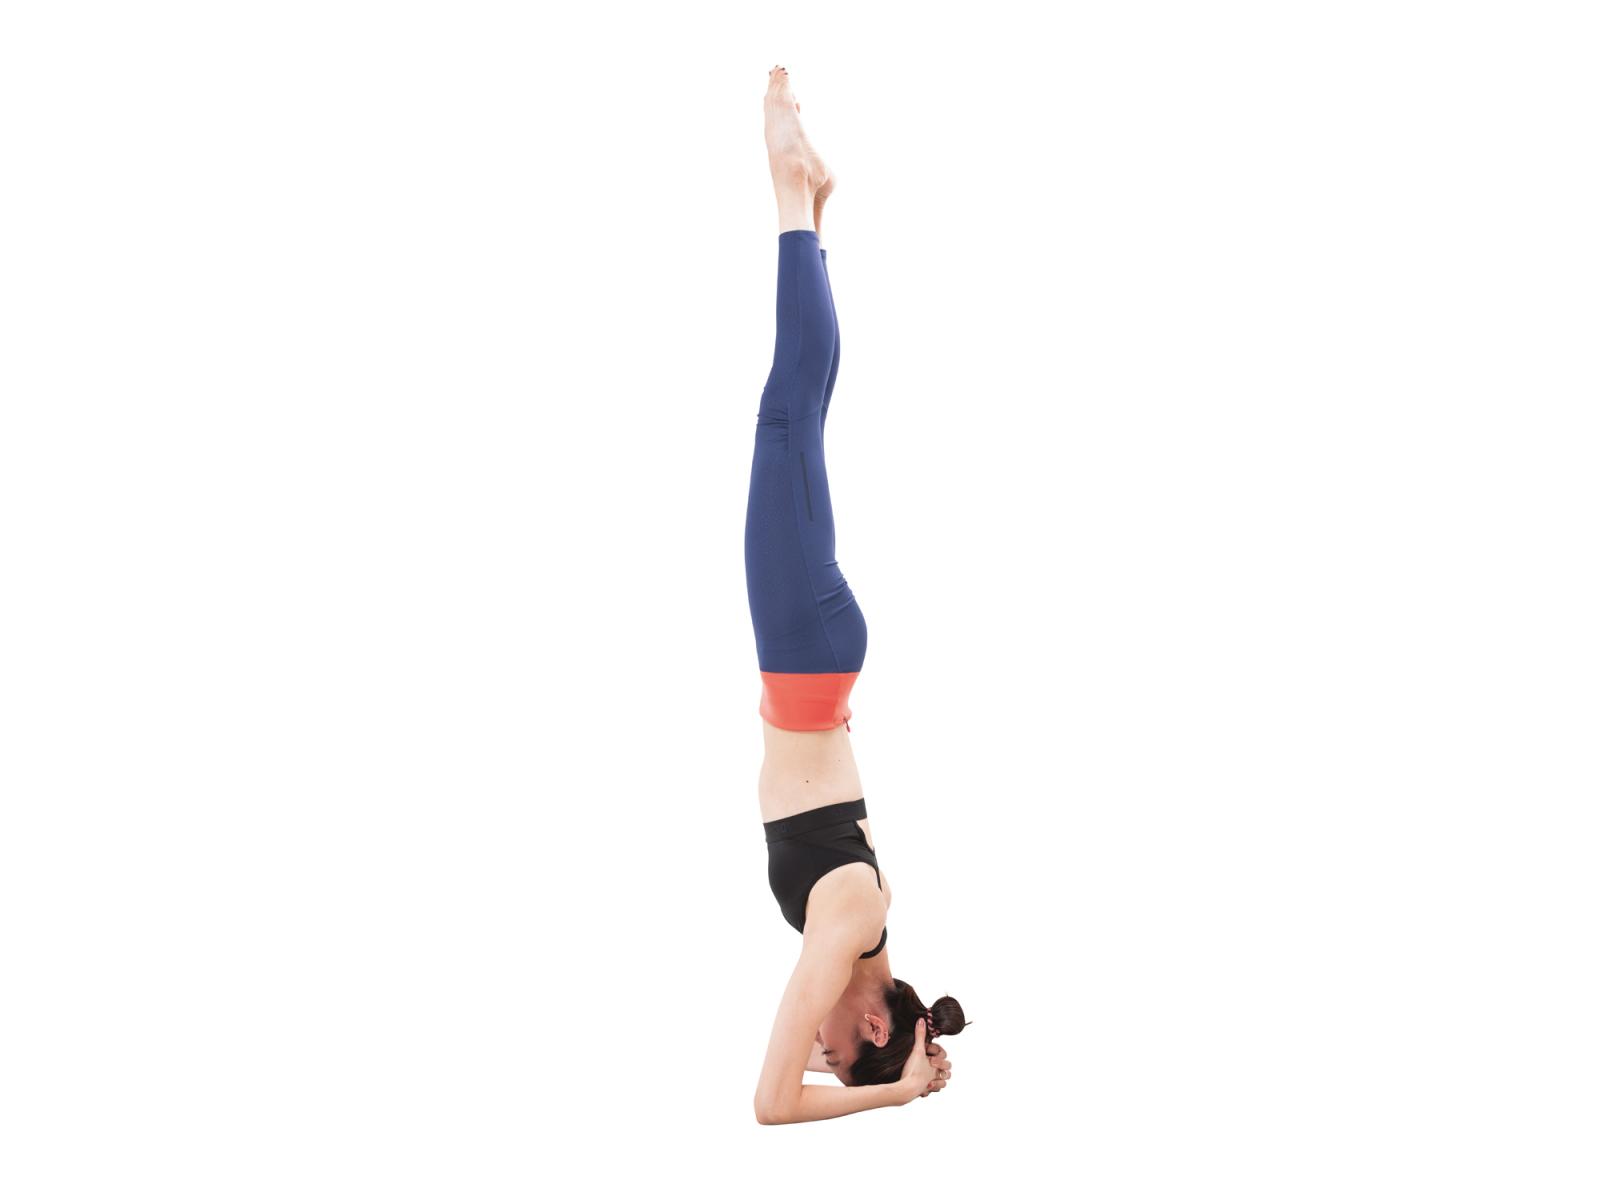 0aba5368cb34e1 両腕で三角をつくり中央に頭頂をつけ、歩いて腕に体重を乗せていく。腕で床を押し、両脚を頭の延長へ。10秒3セット。